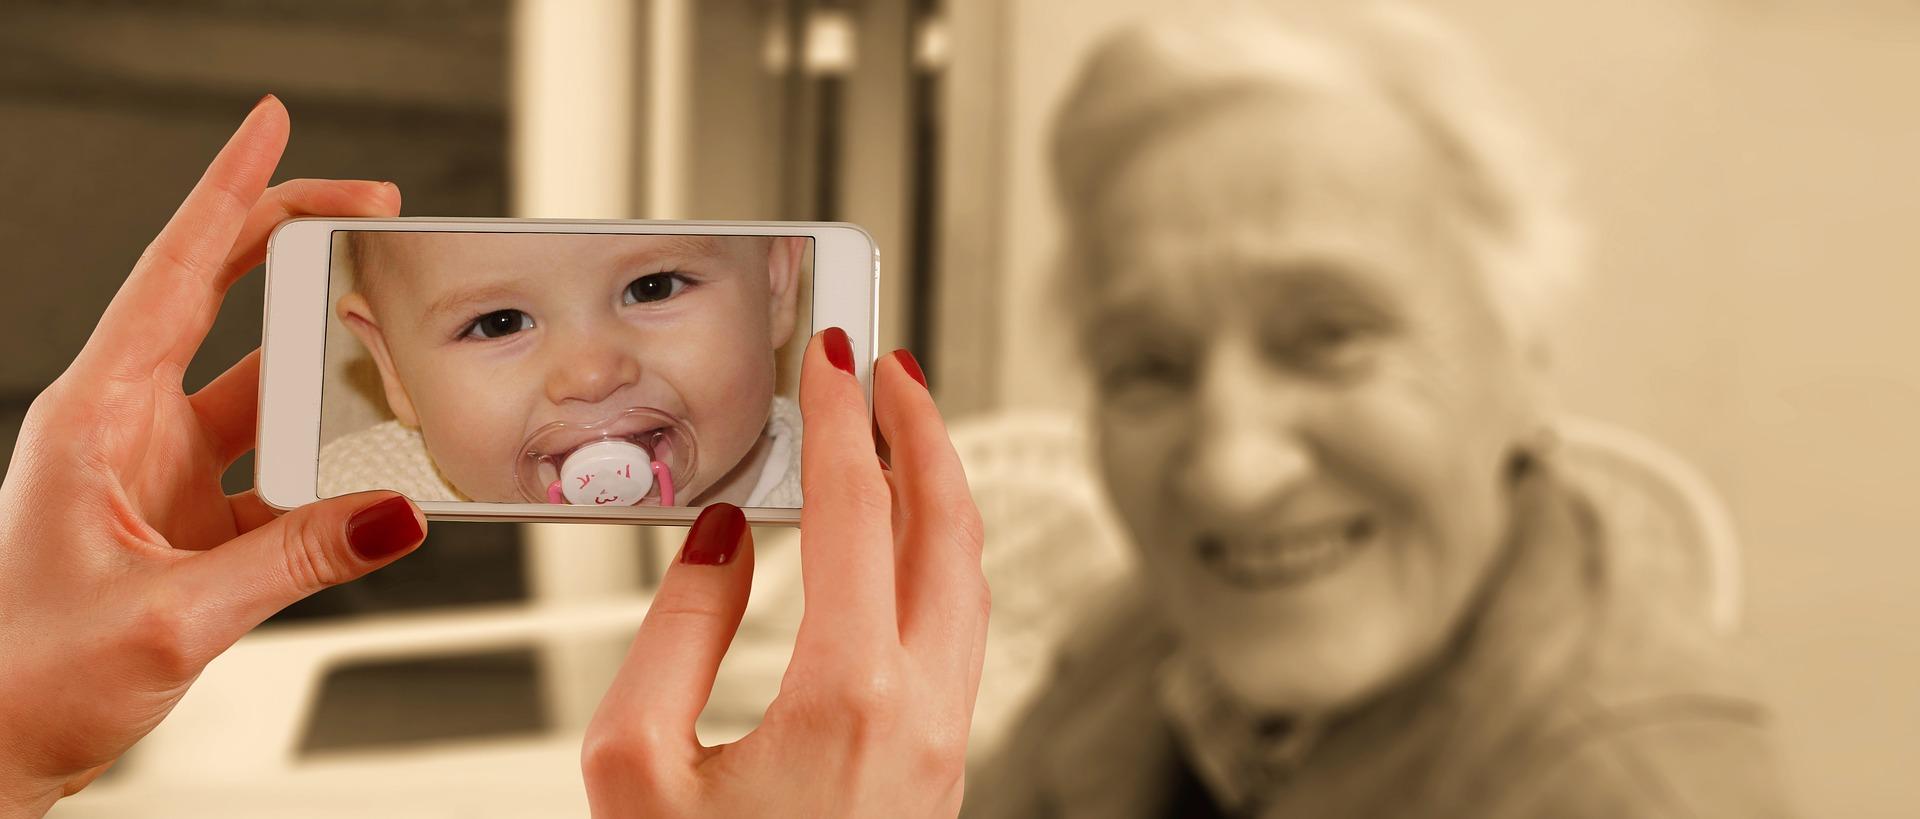 Ethische Fragen bei virtueller Realität in der Medizin